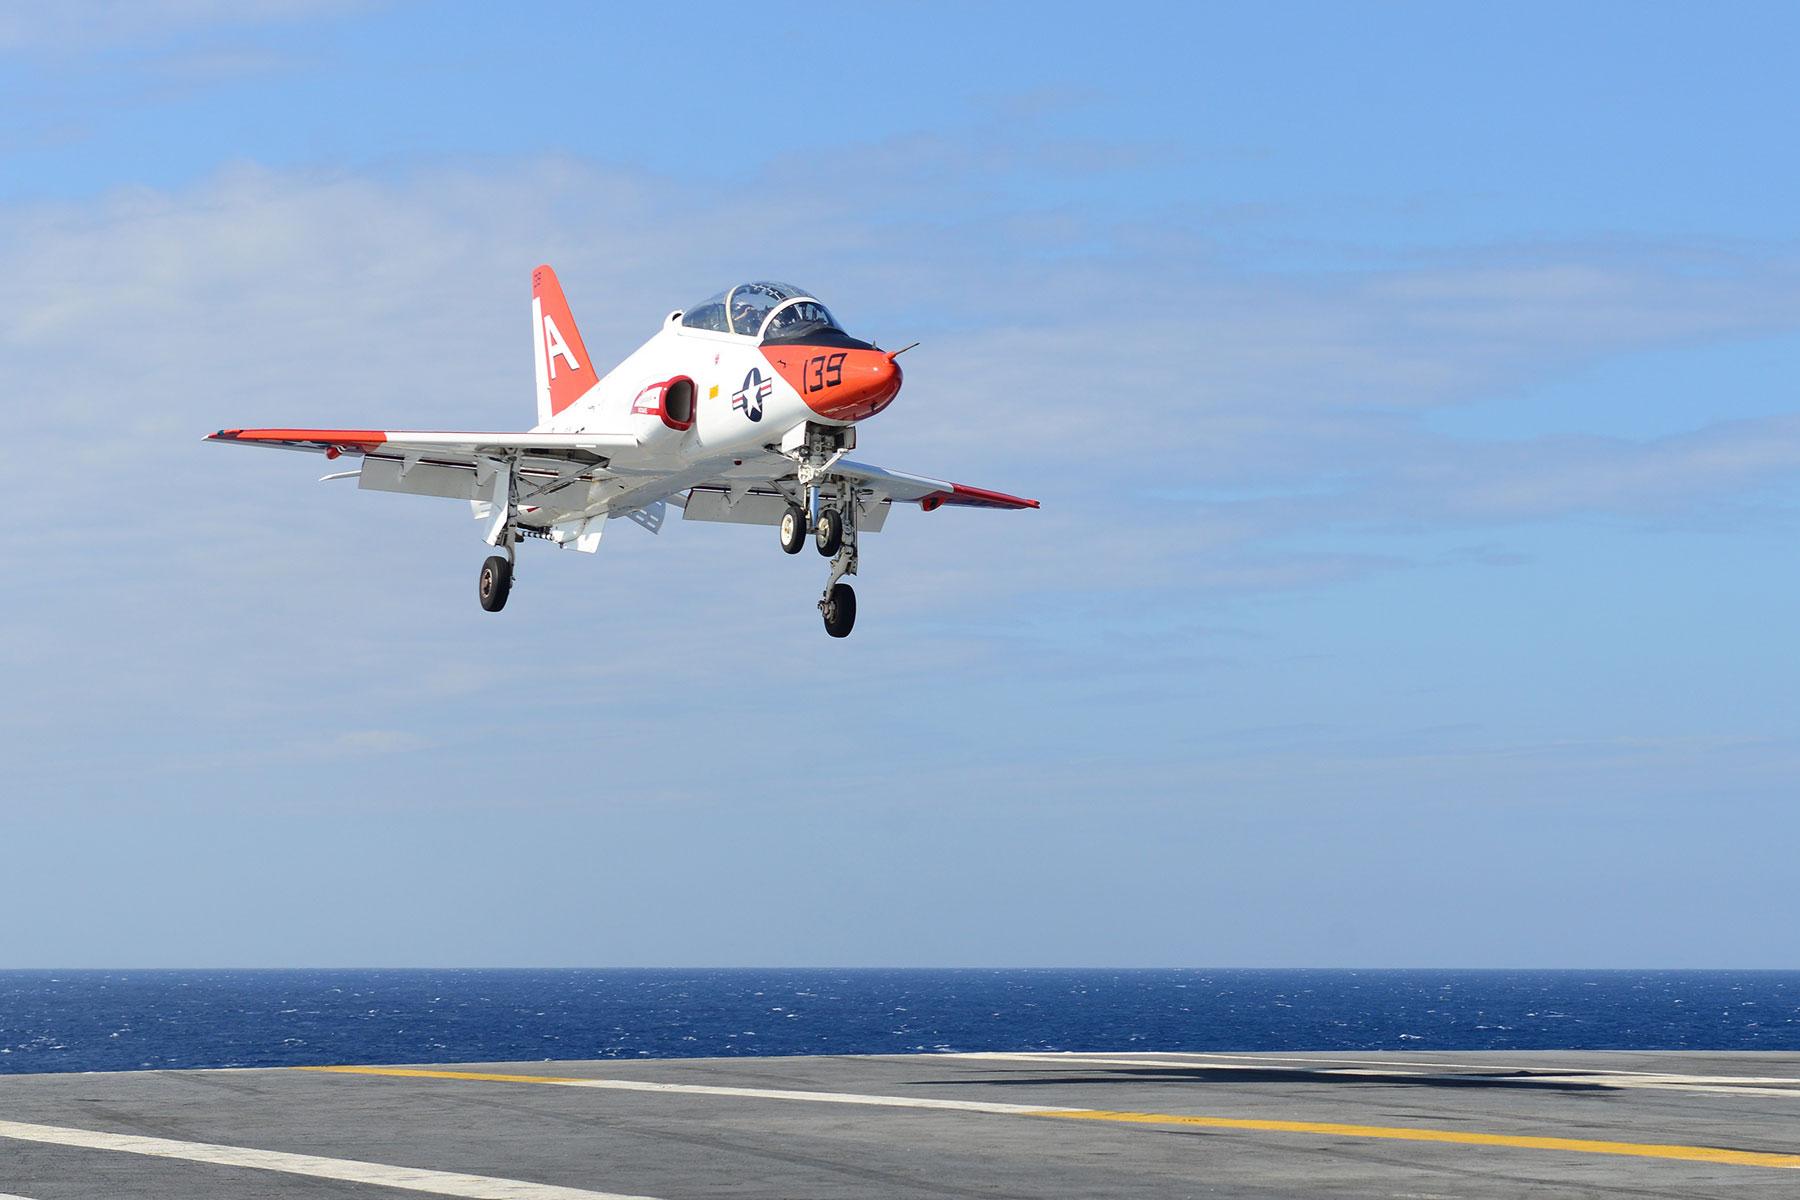 Navy Trainer Jet in Texas